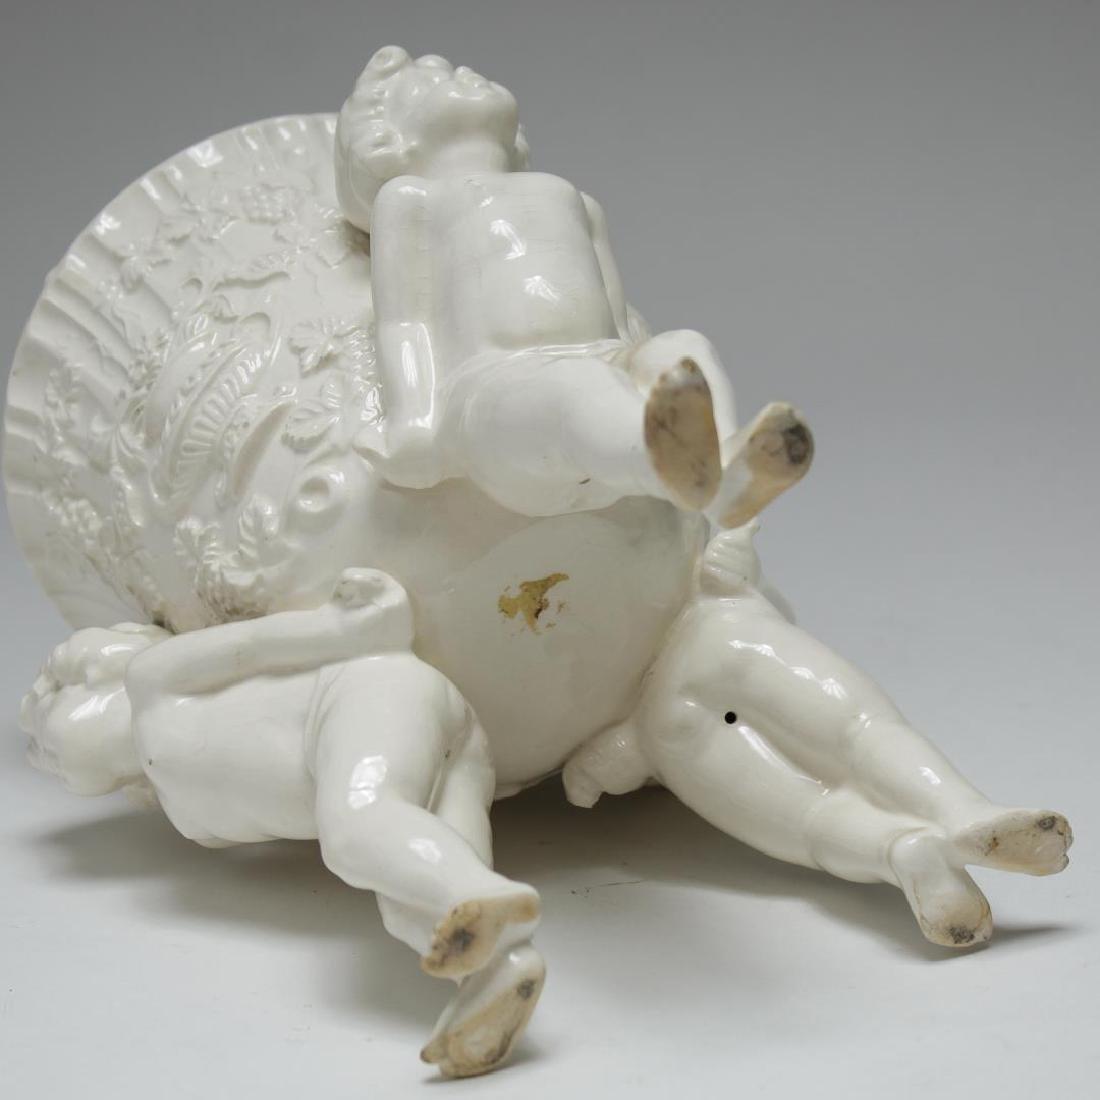 English & French White Porcelain Vases & Beaker - 4